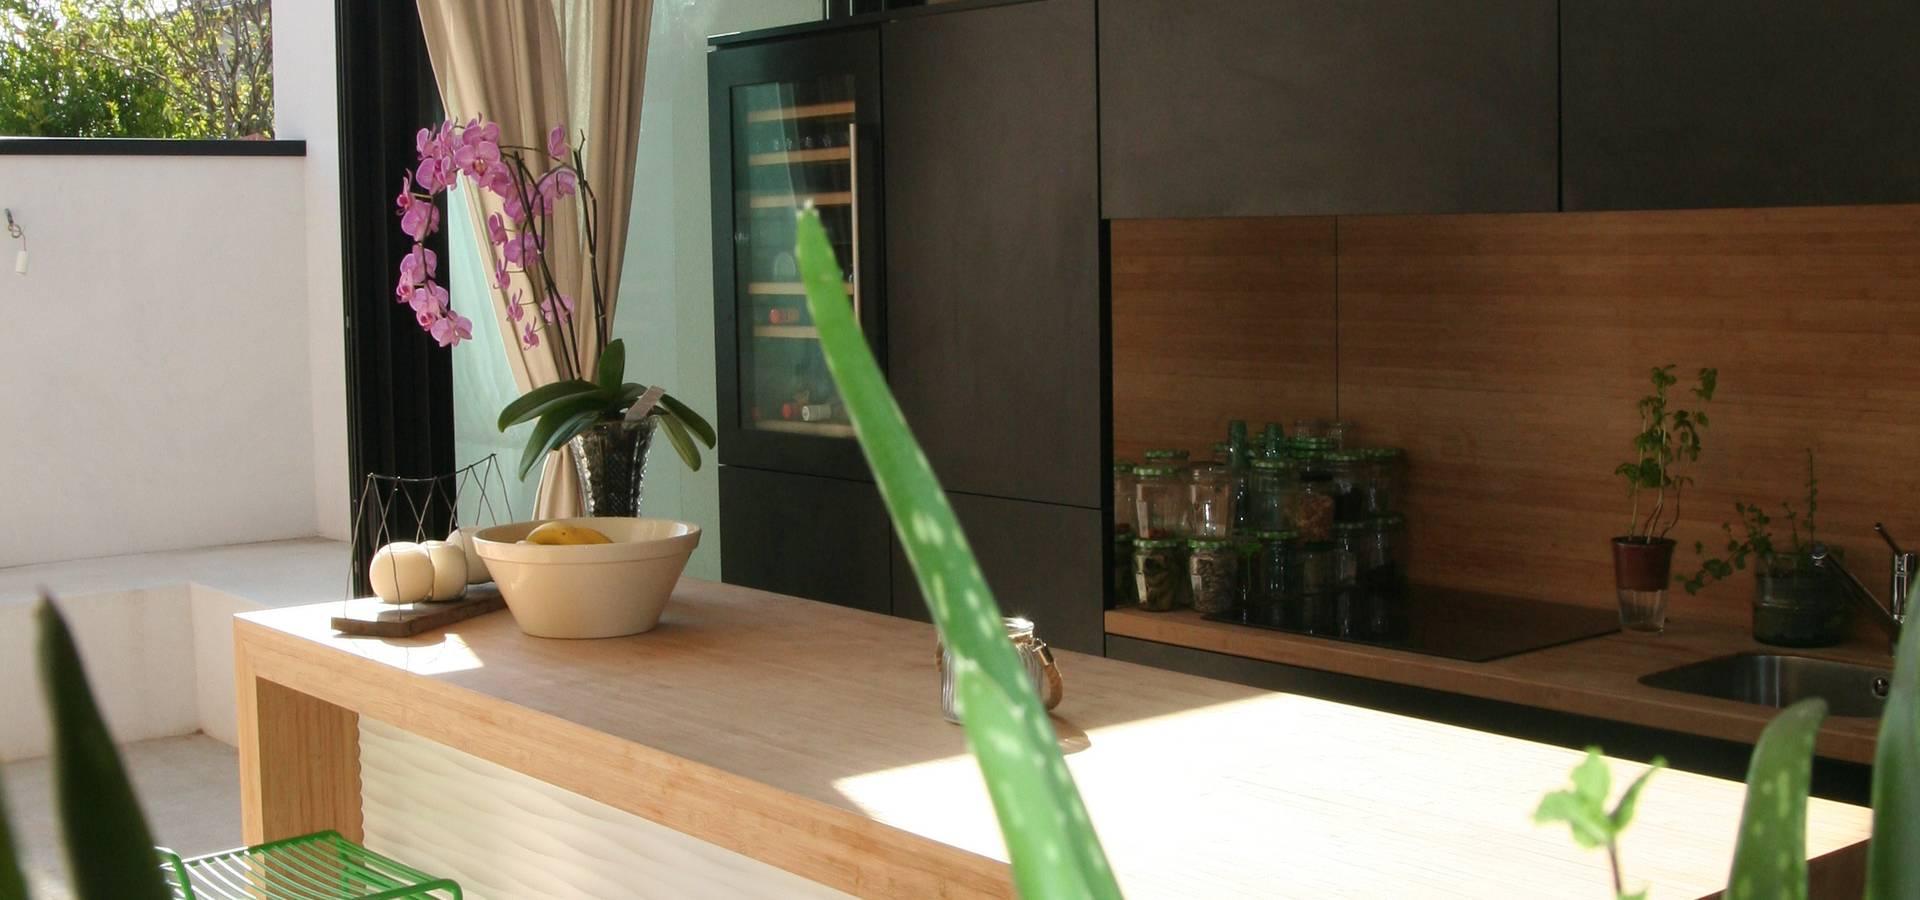 atelier nad ge nari architectes d 39 int rieur la rochelle cedex 1 sur homify. Black Bedroom Furniture Sets. Home Design Ideas